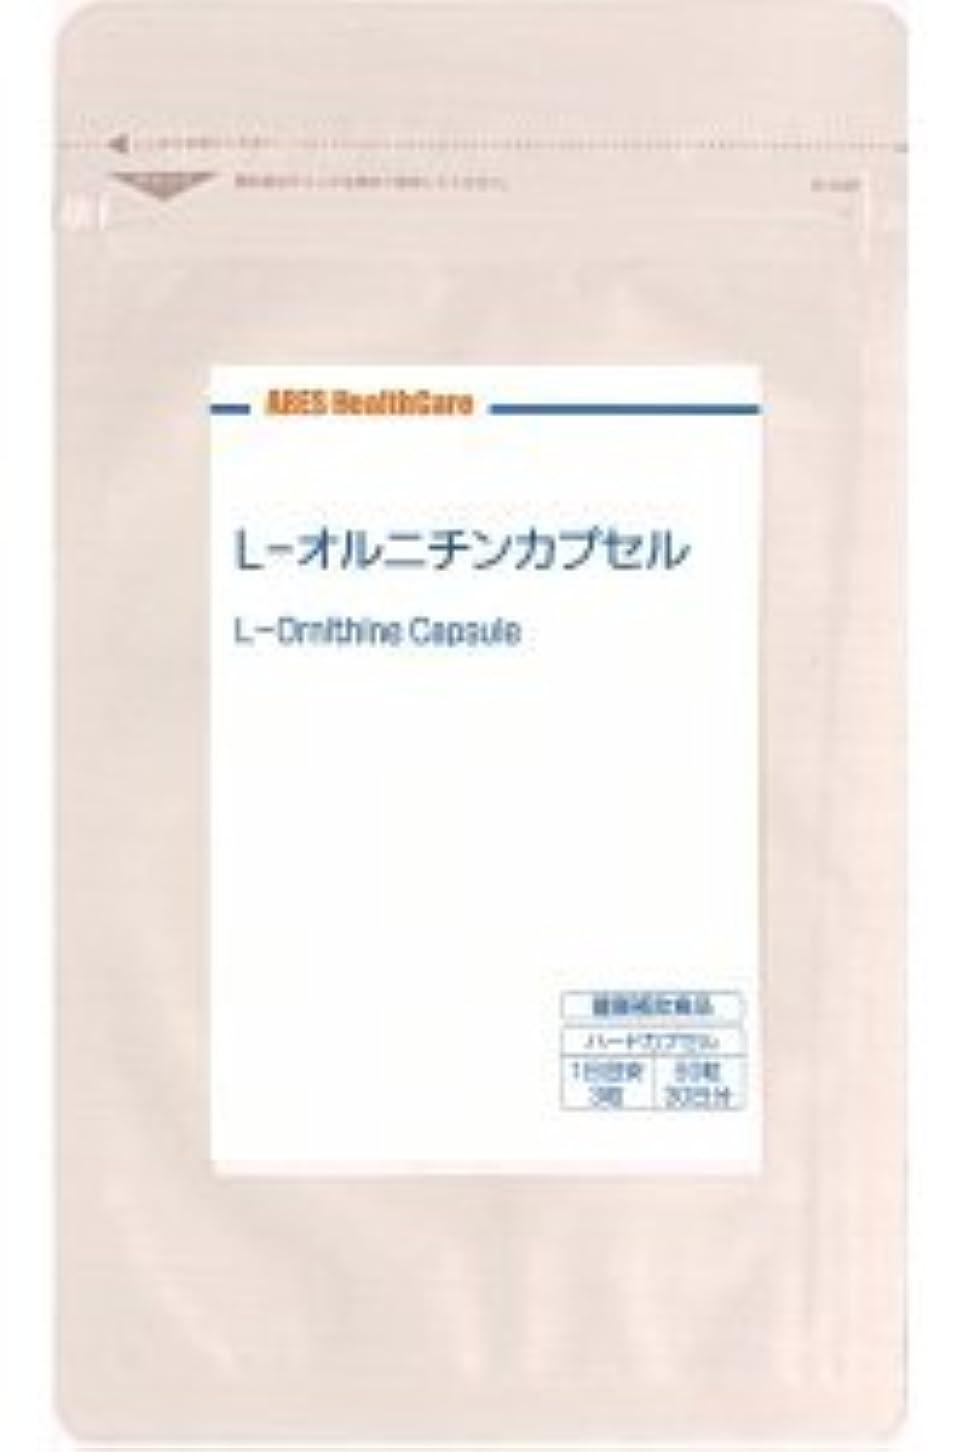 受粉者引き出し認証L-オルニチンカプセル(30日分)